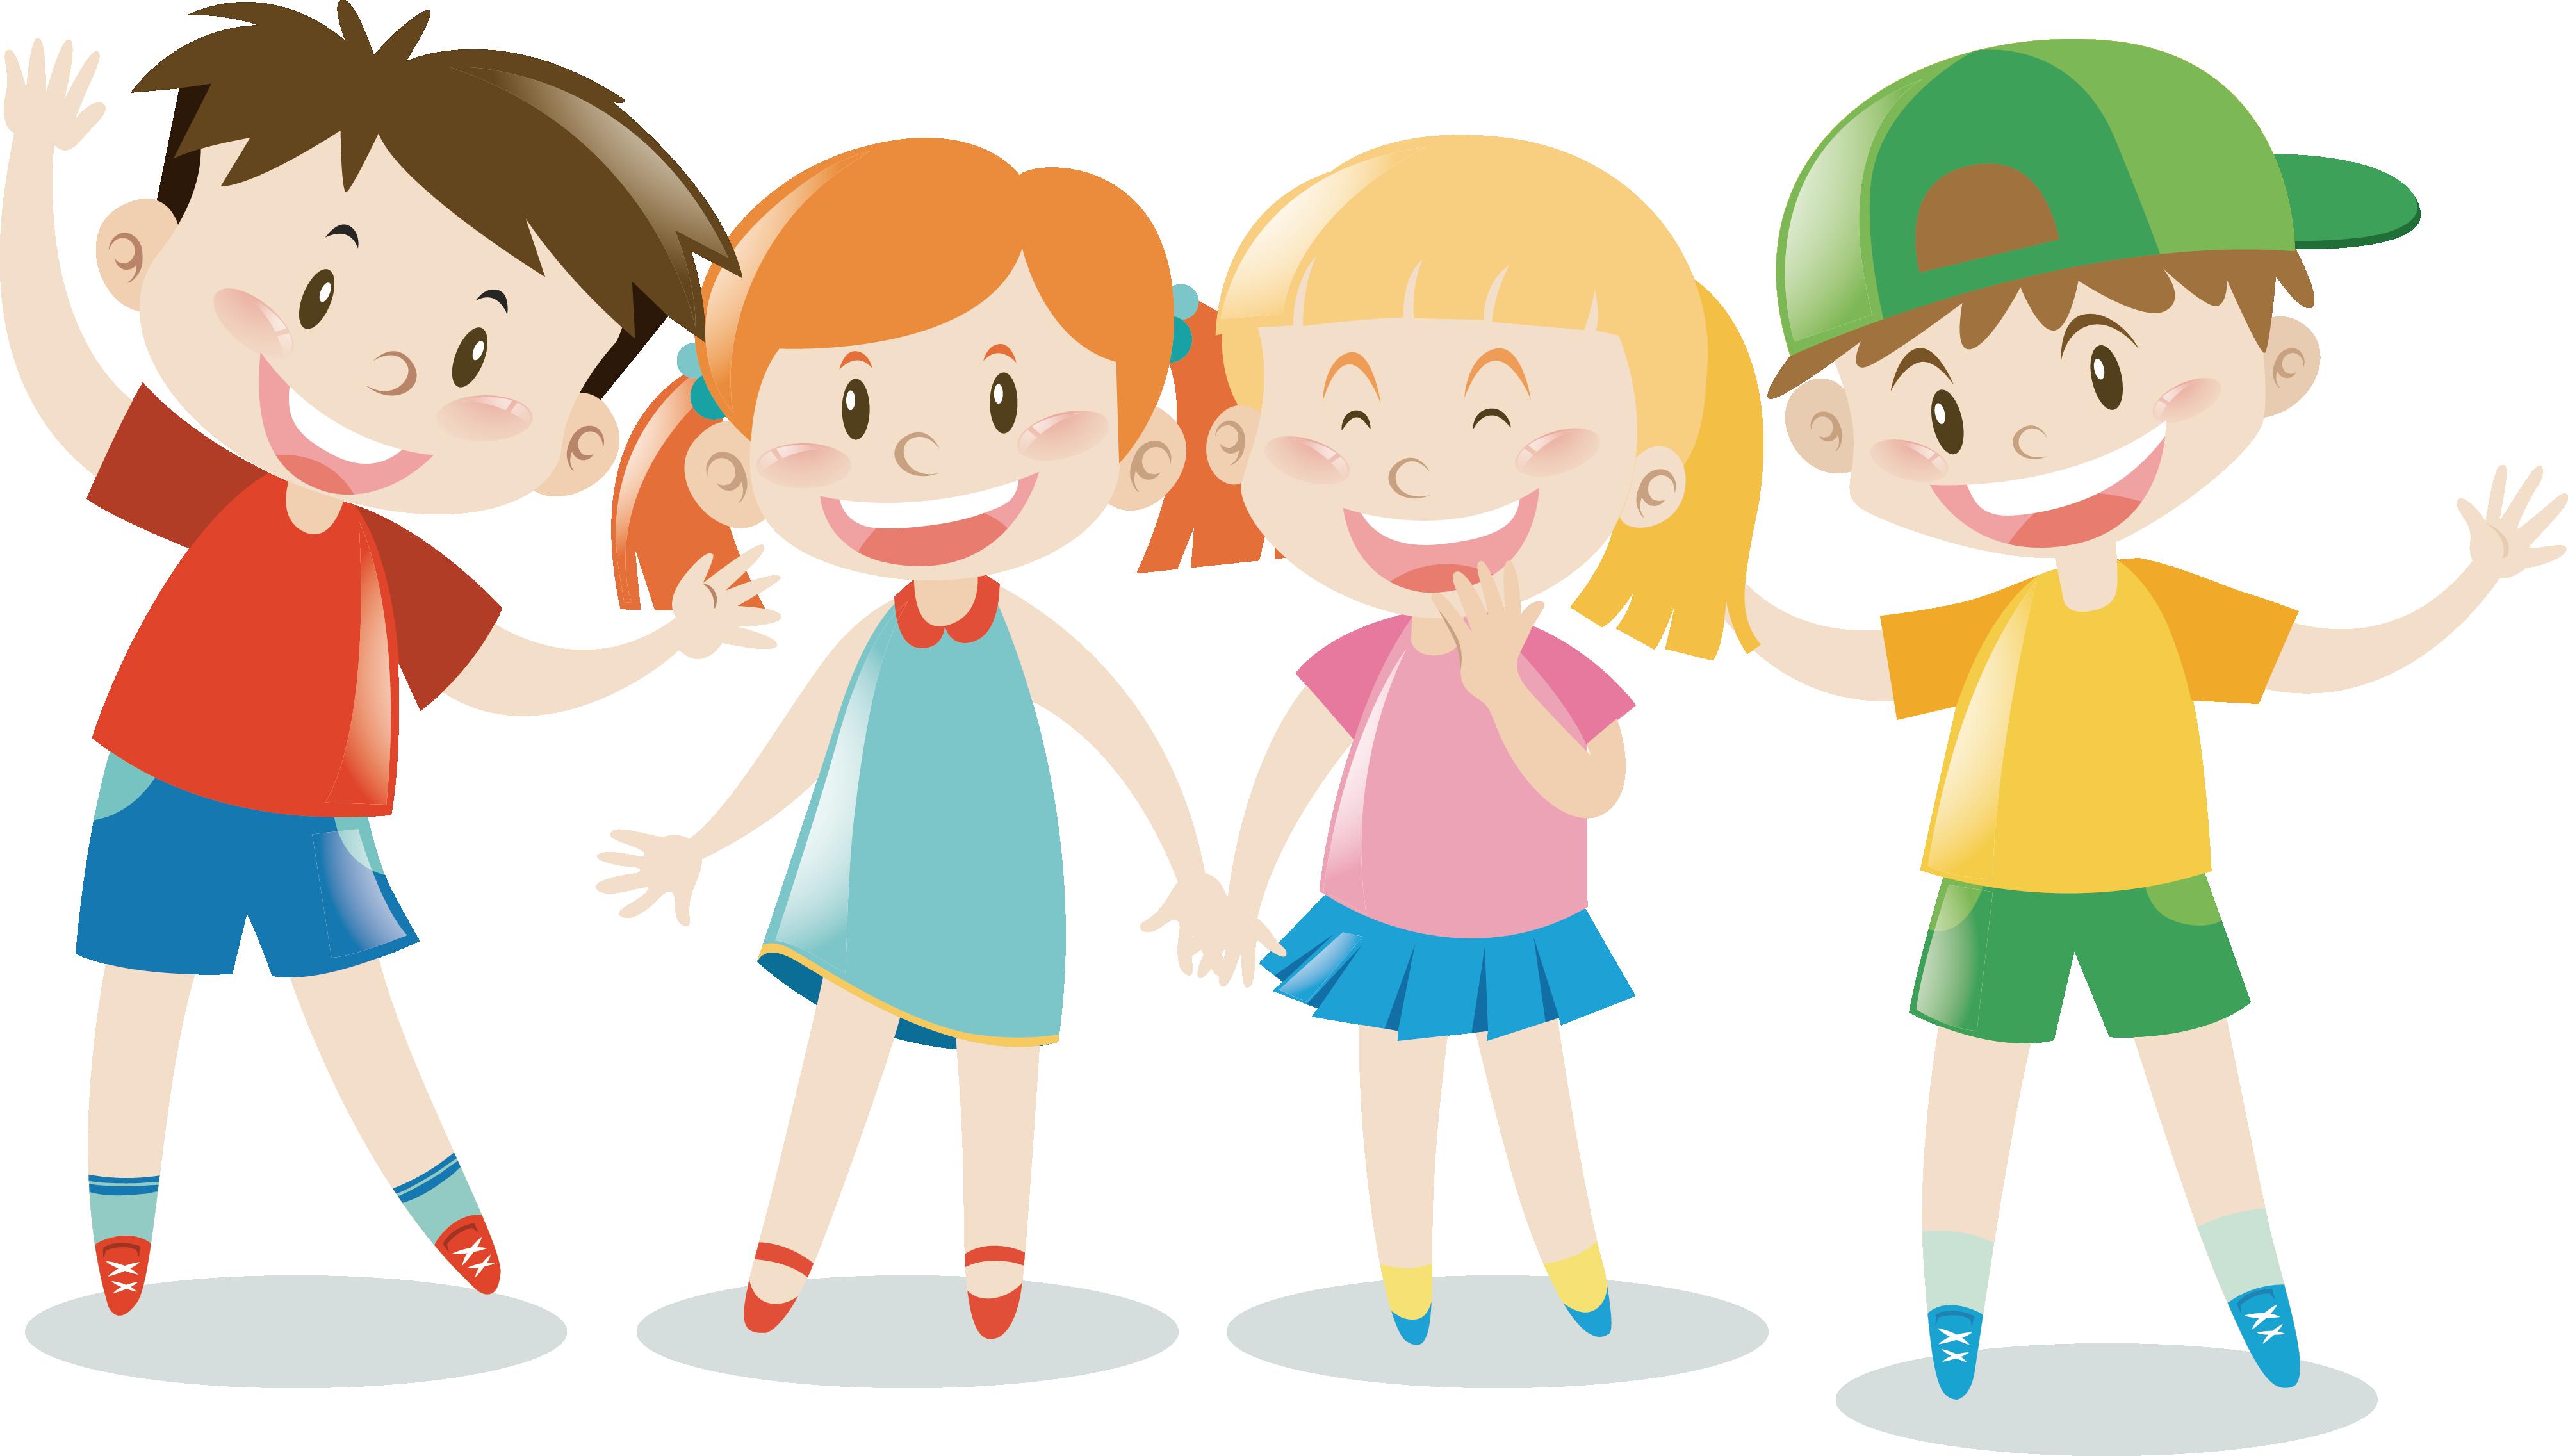 Дети векторные картинки для детей